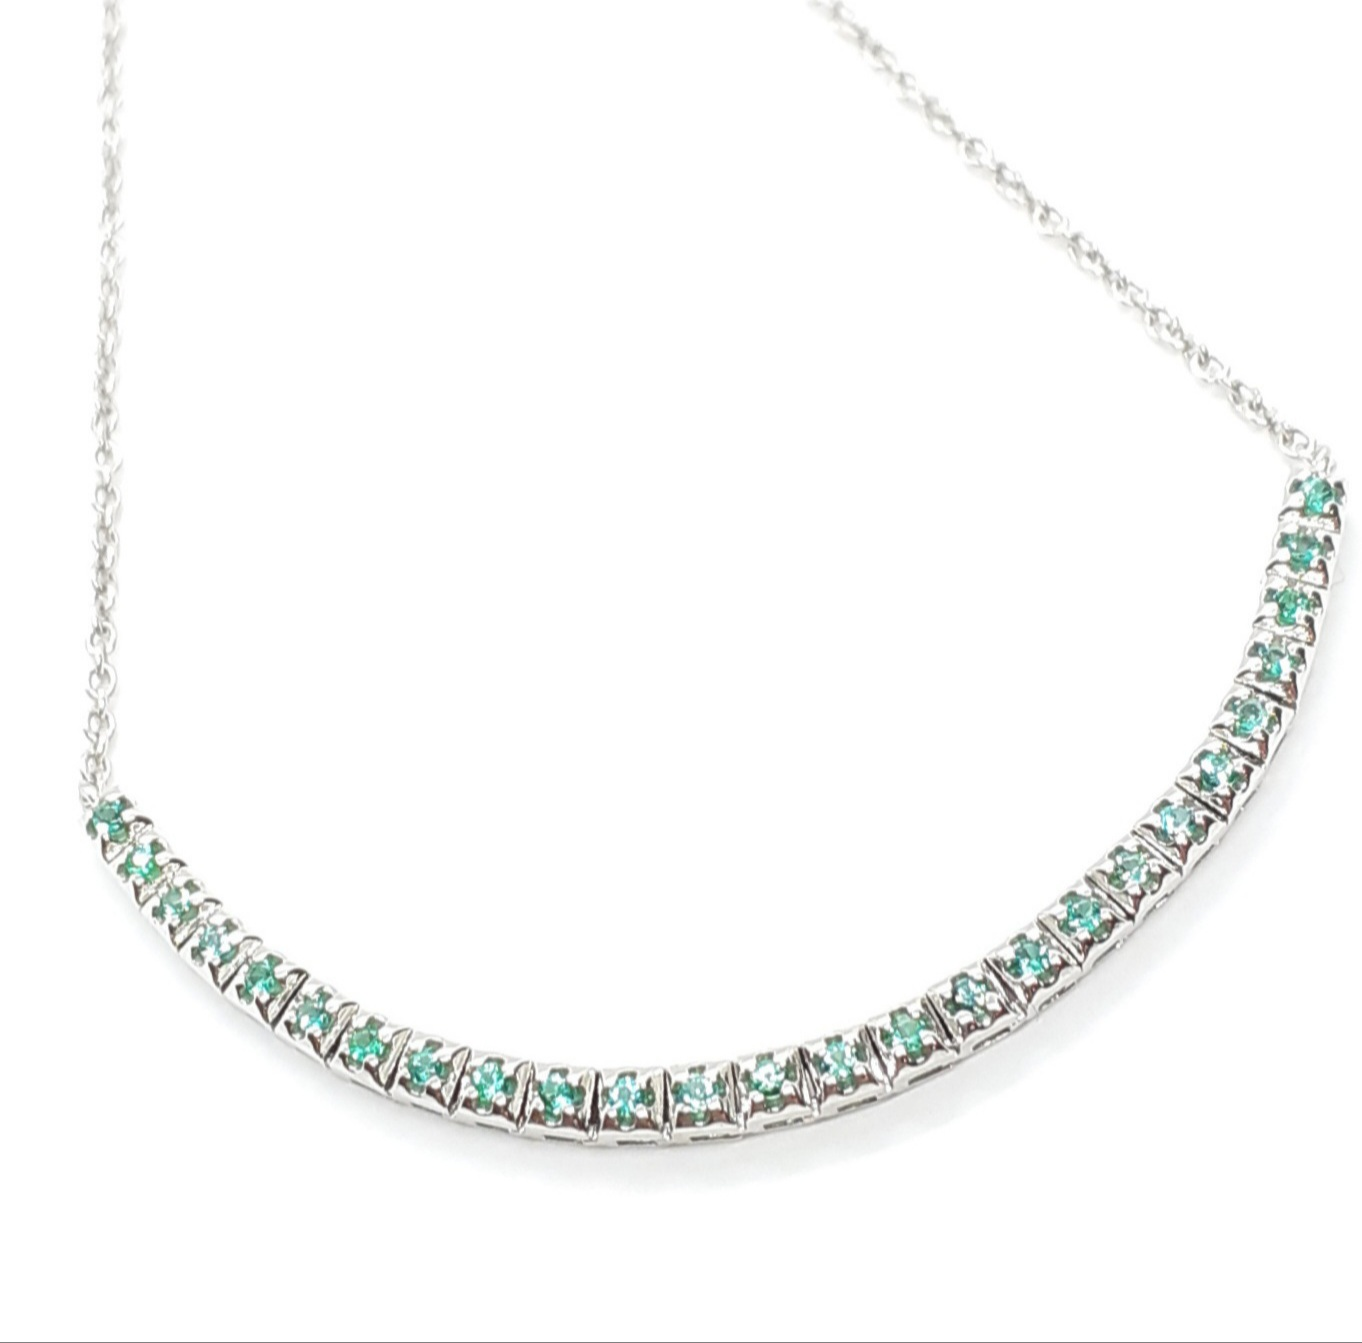 Sensi joyas alta joyería Granada plata compromiso PULSERA ORO 18K  ESMERALDAS  0,25 CTS